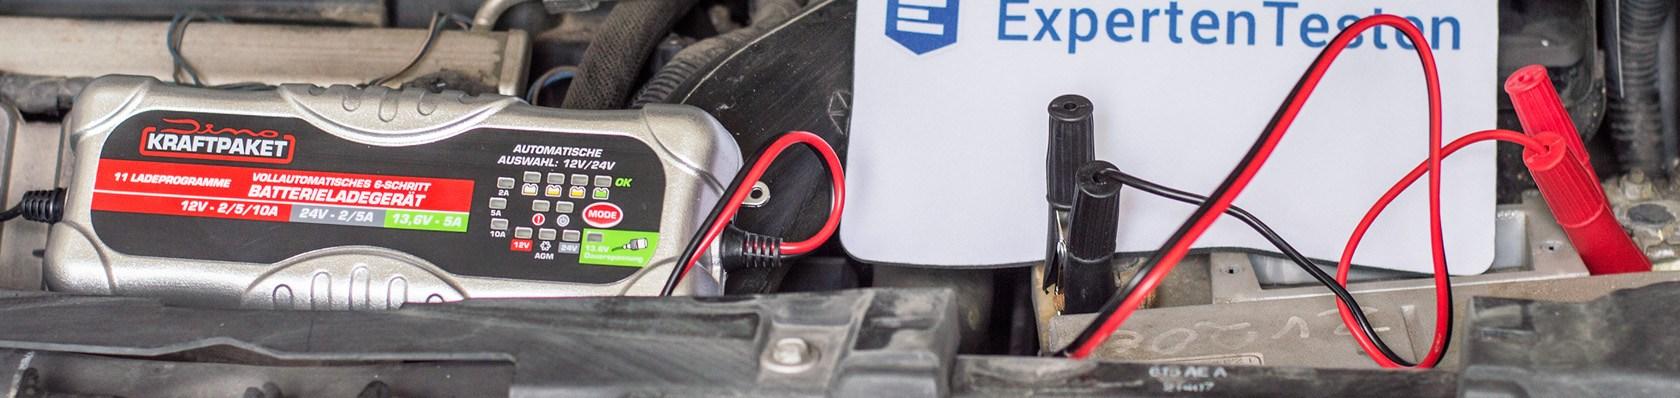 Starterbatterien im Test auf ExpertenTesten.de